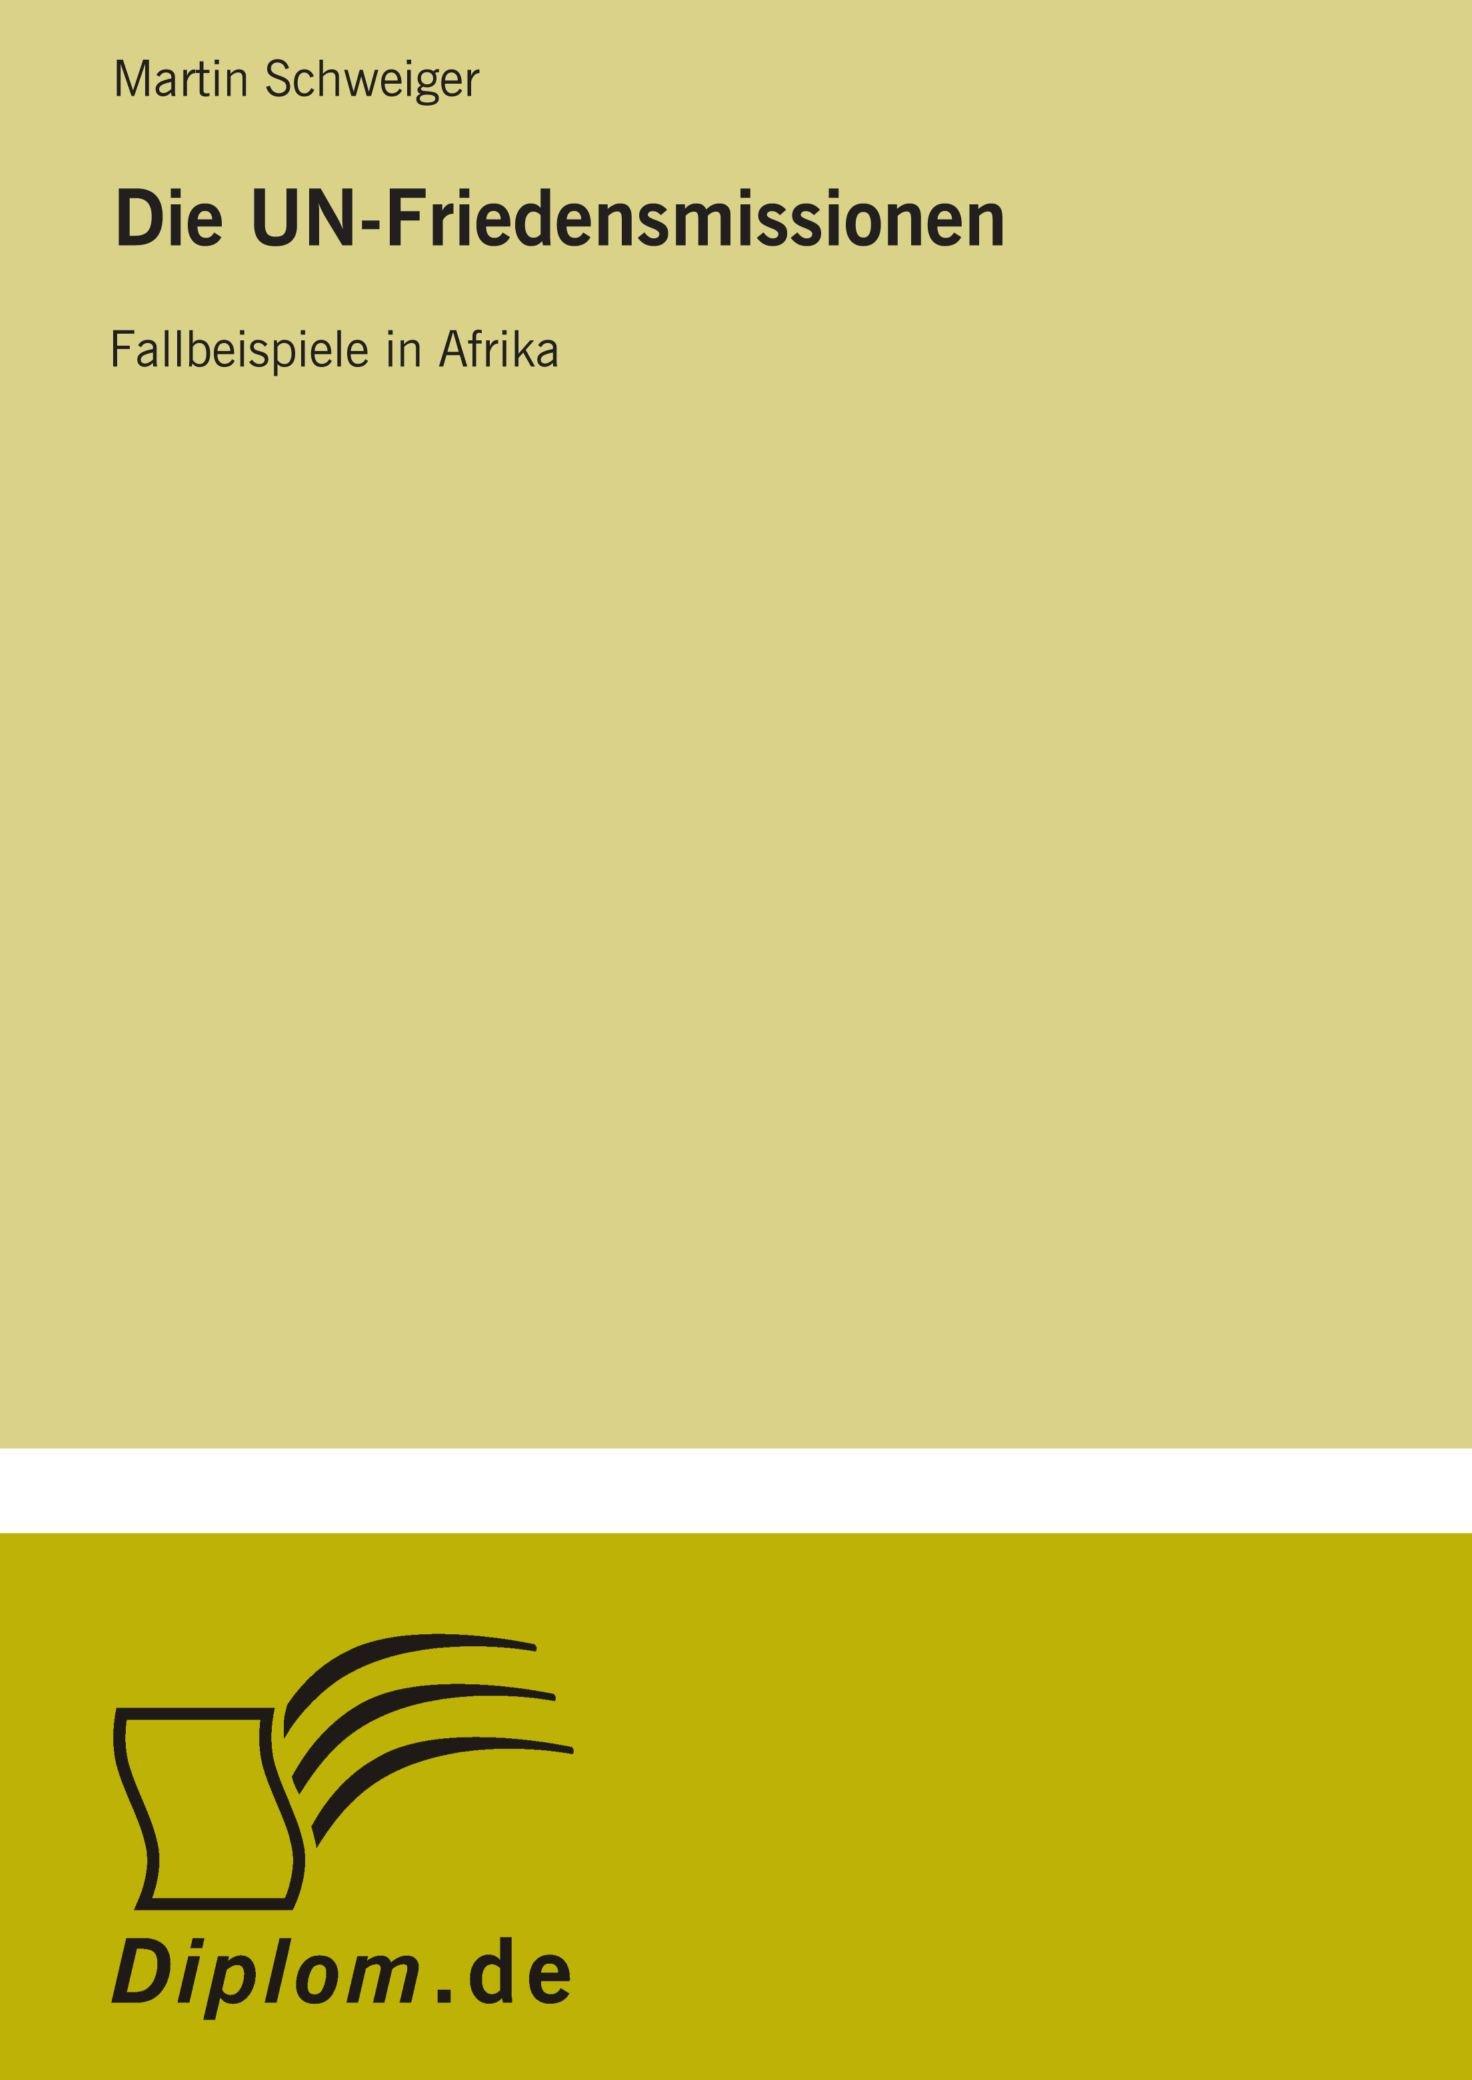 Download Die UN-Friedensmissionen: Fallbeispiele in Afrika (German Edition) pdf